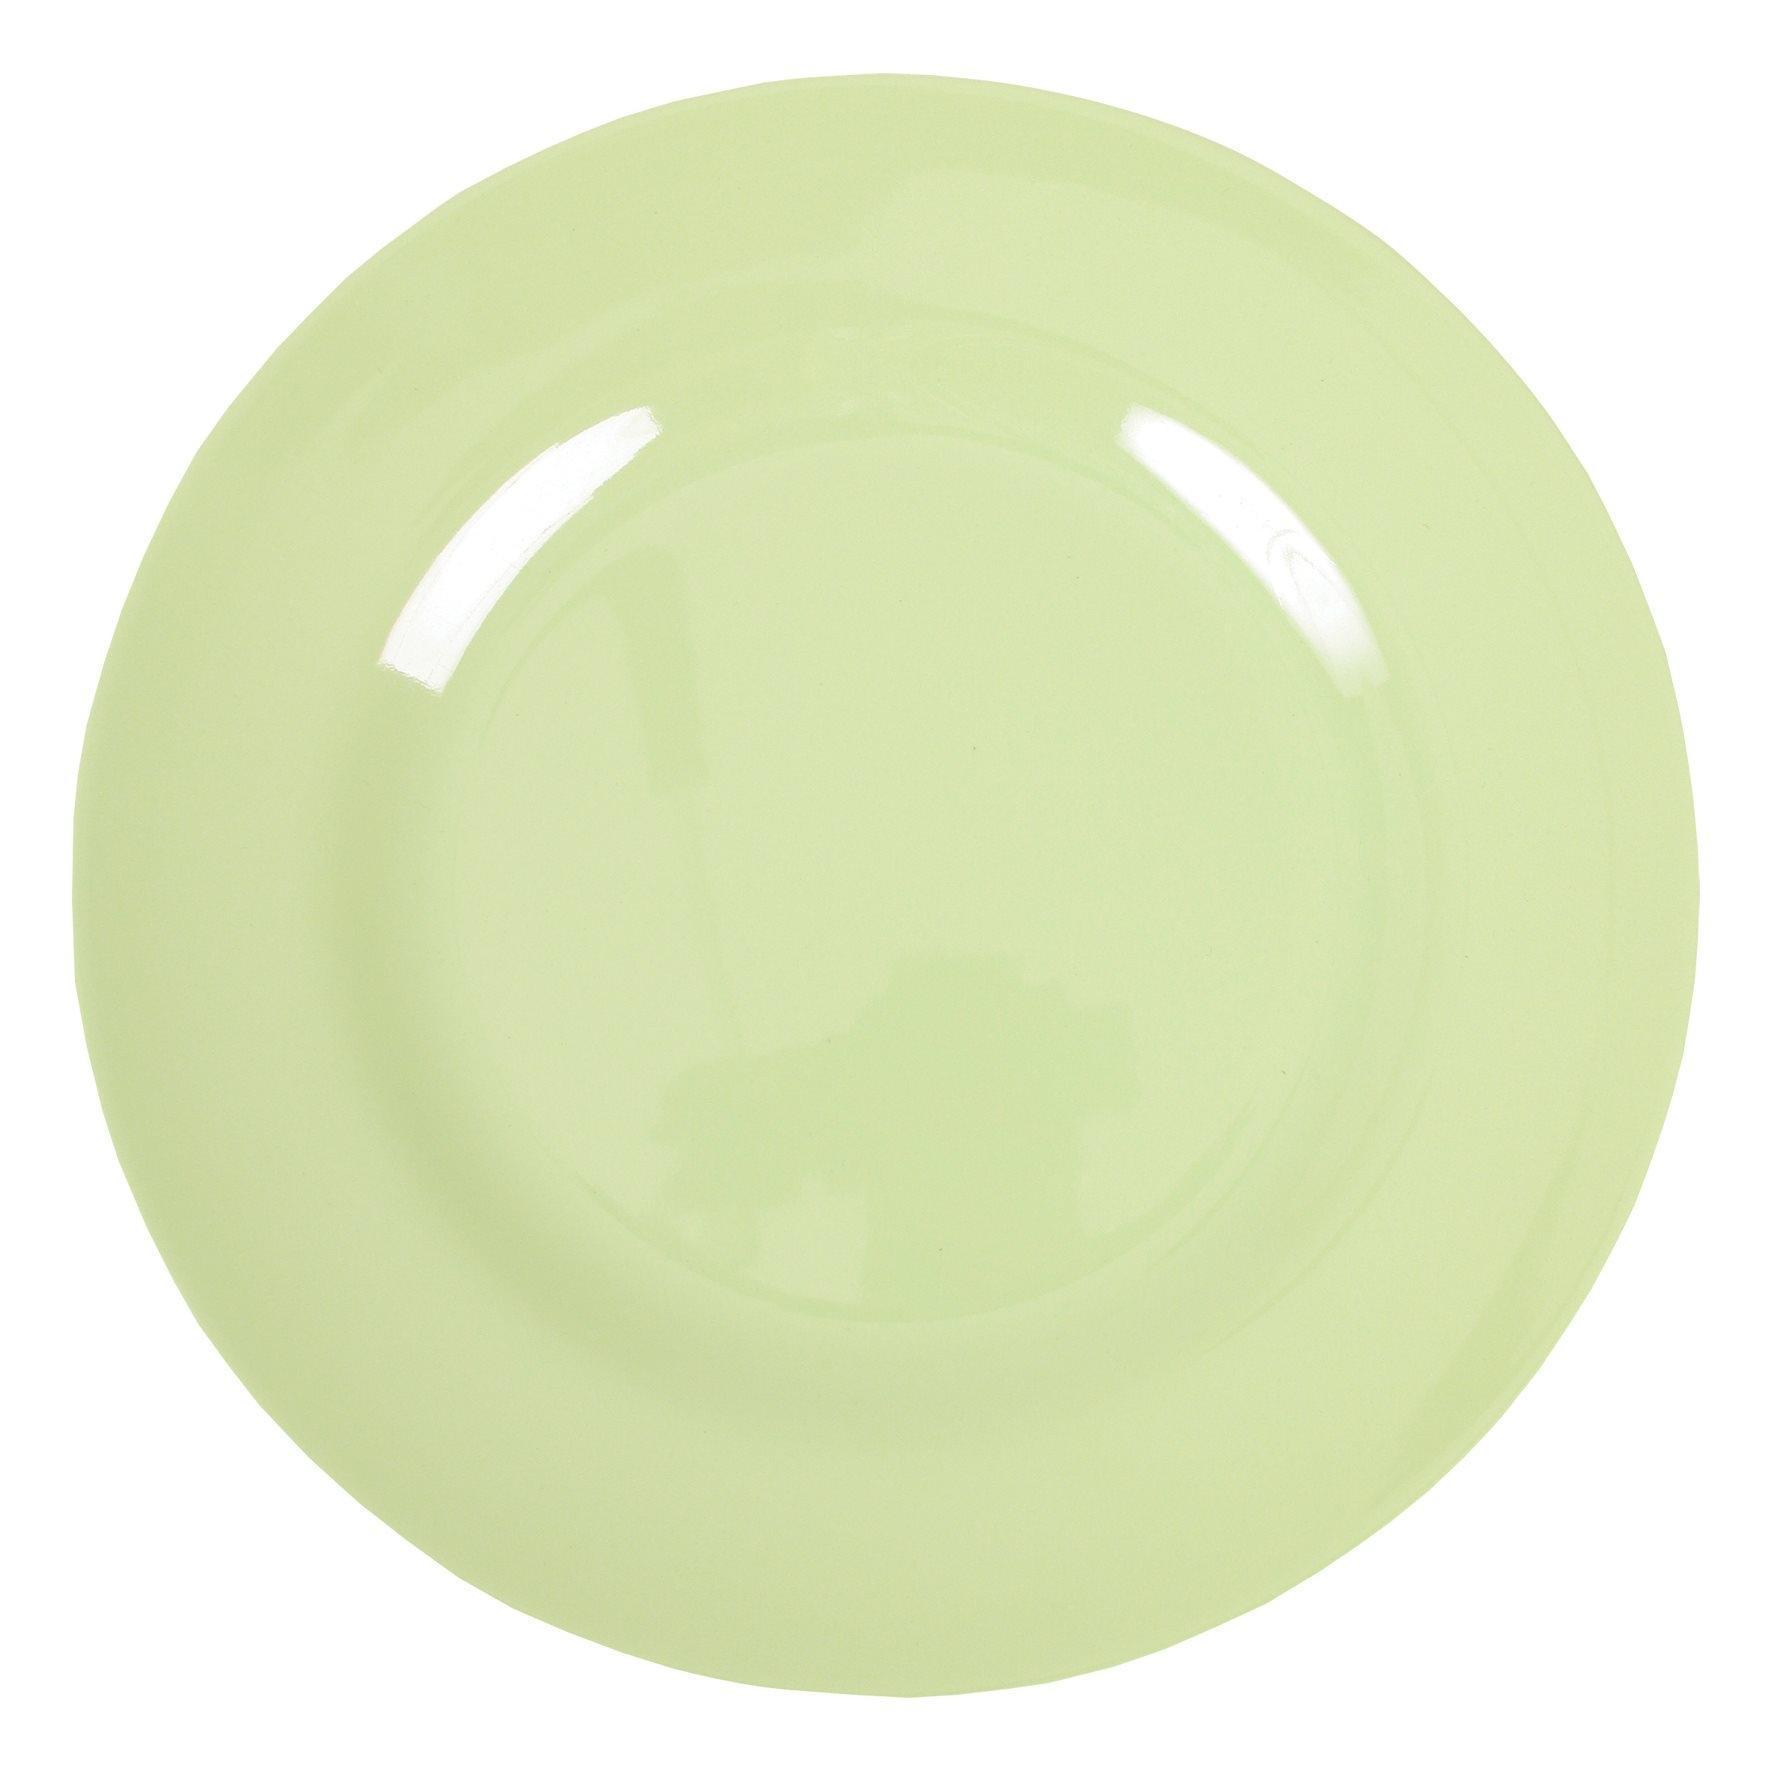 rice Melaminový talíř 25 - zelený, zelená barva, melamin